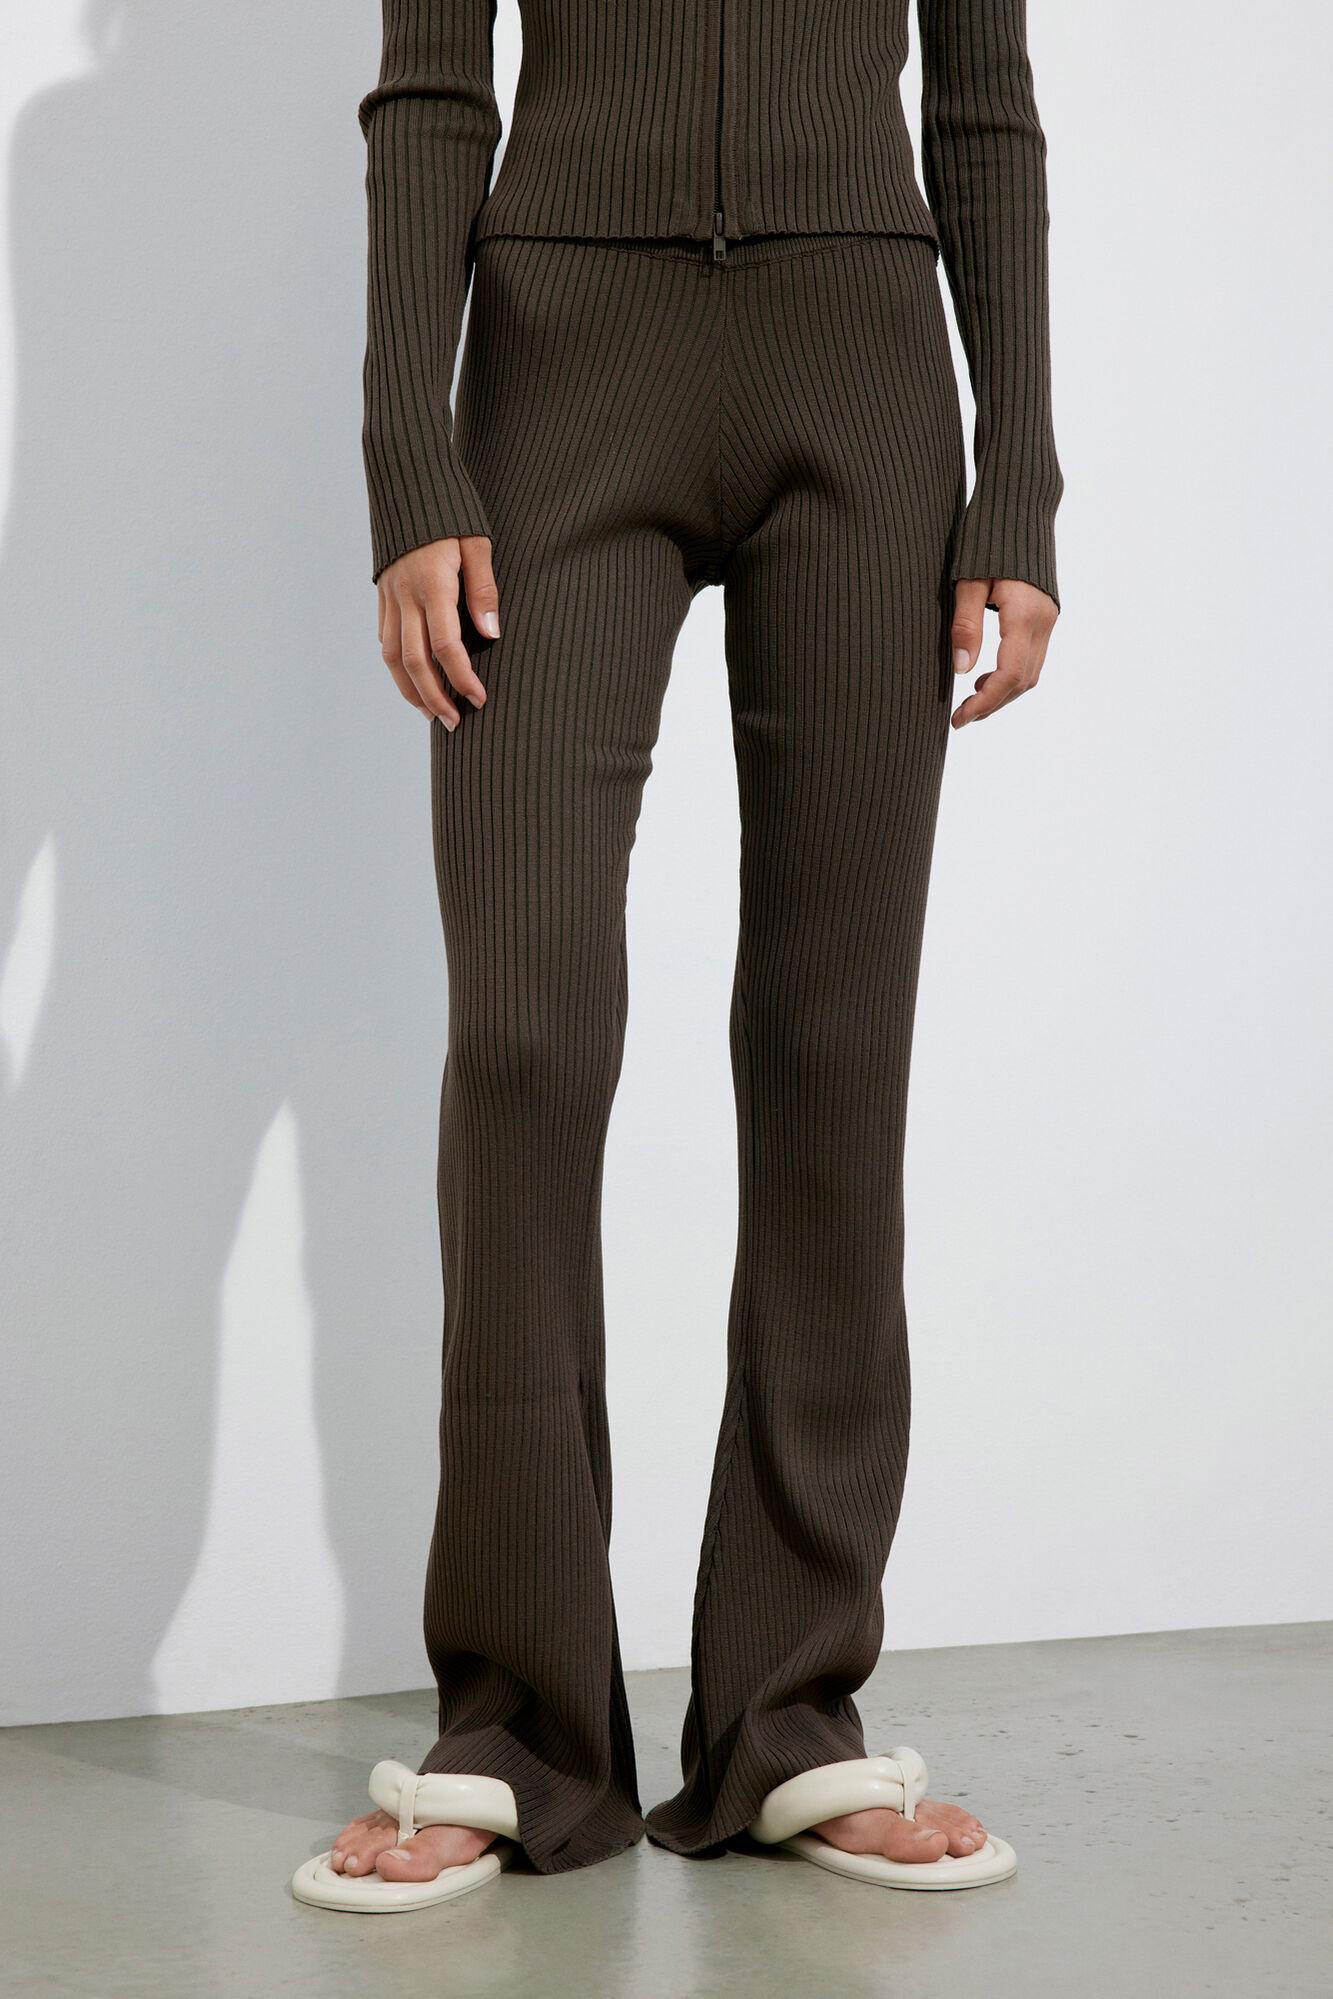 ENBLAISE PANTS 5253